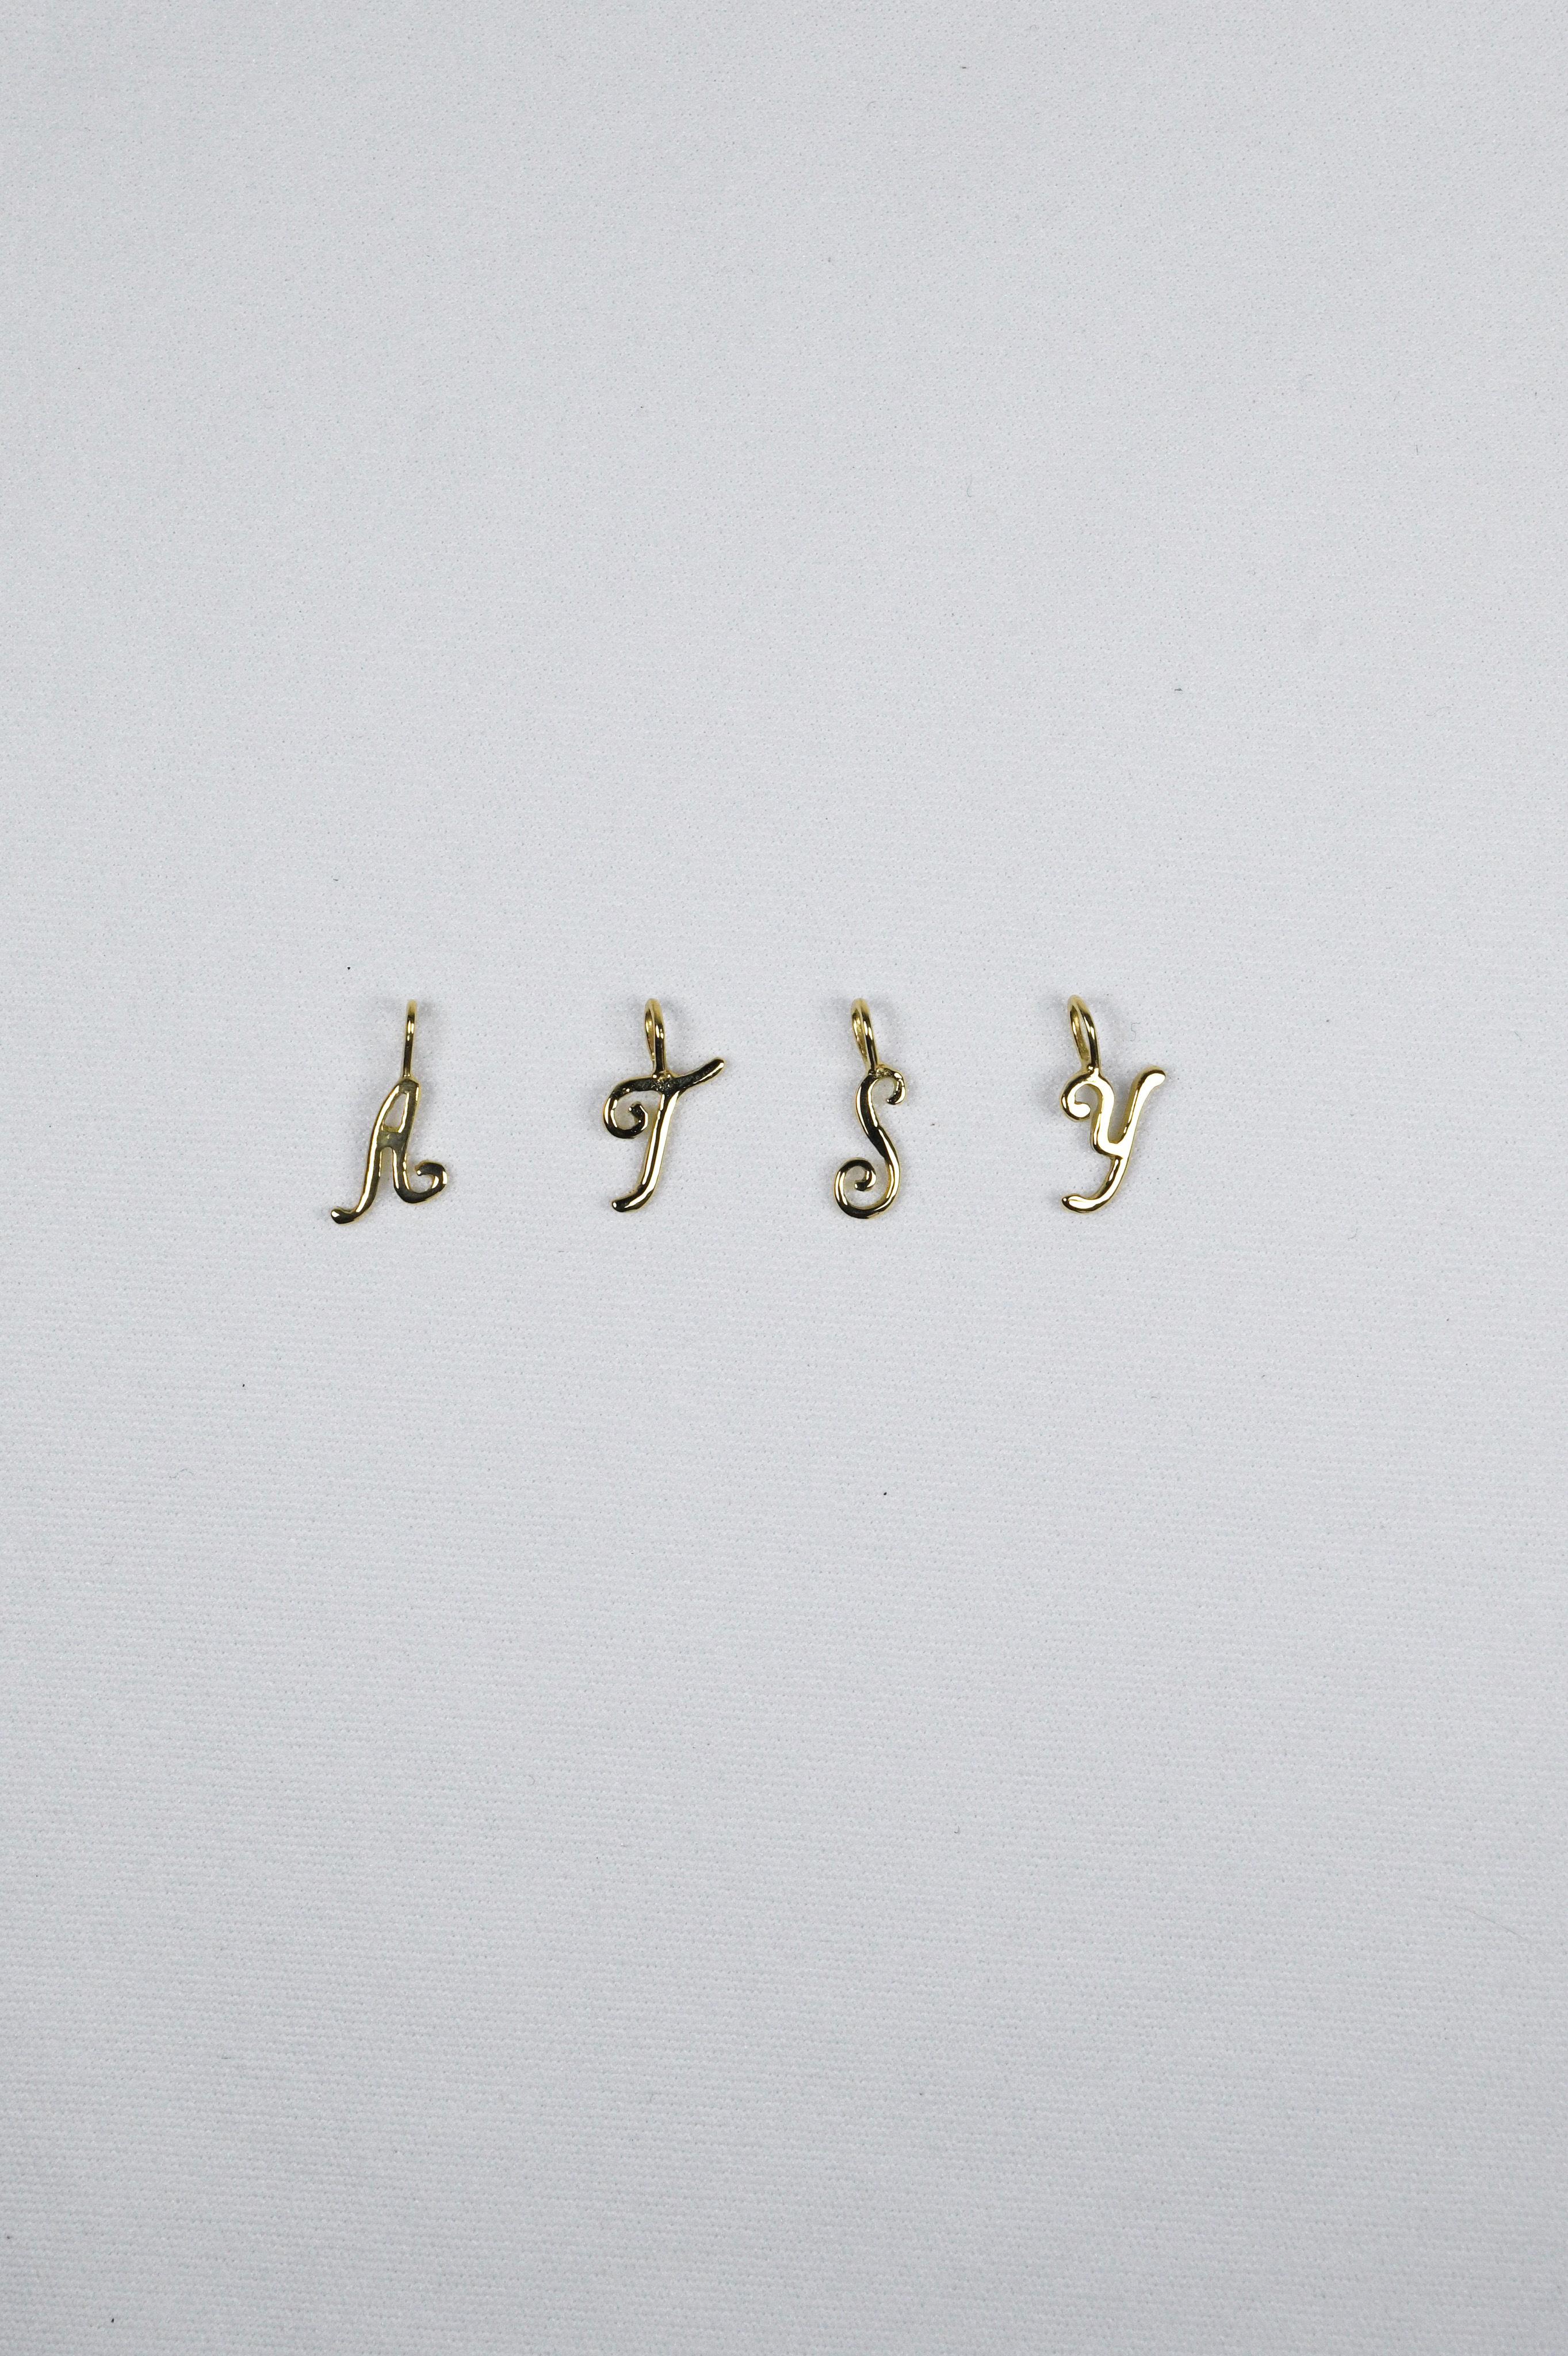 K18 Initial Pendant 18金イニシャルペンダント